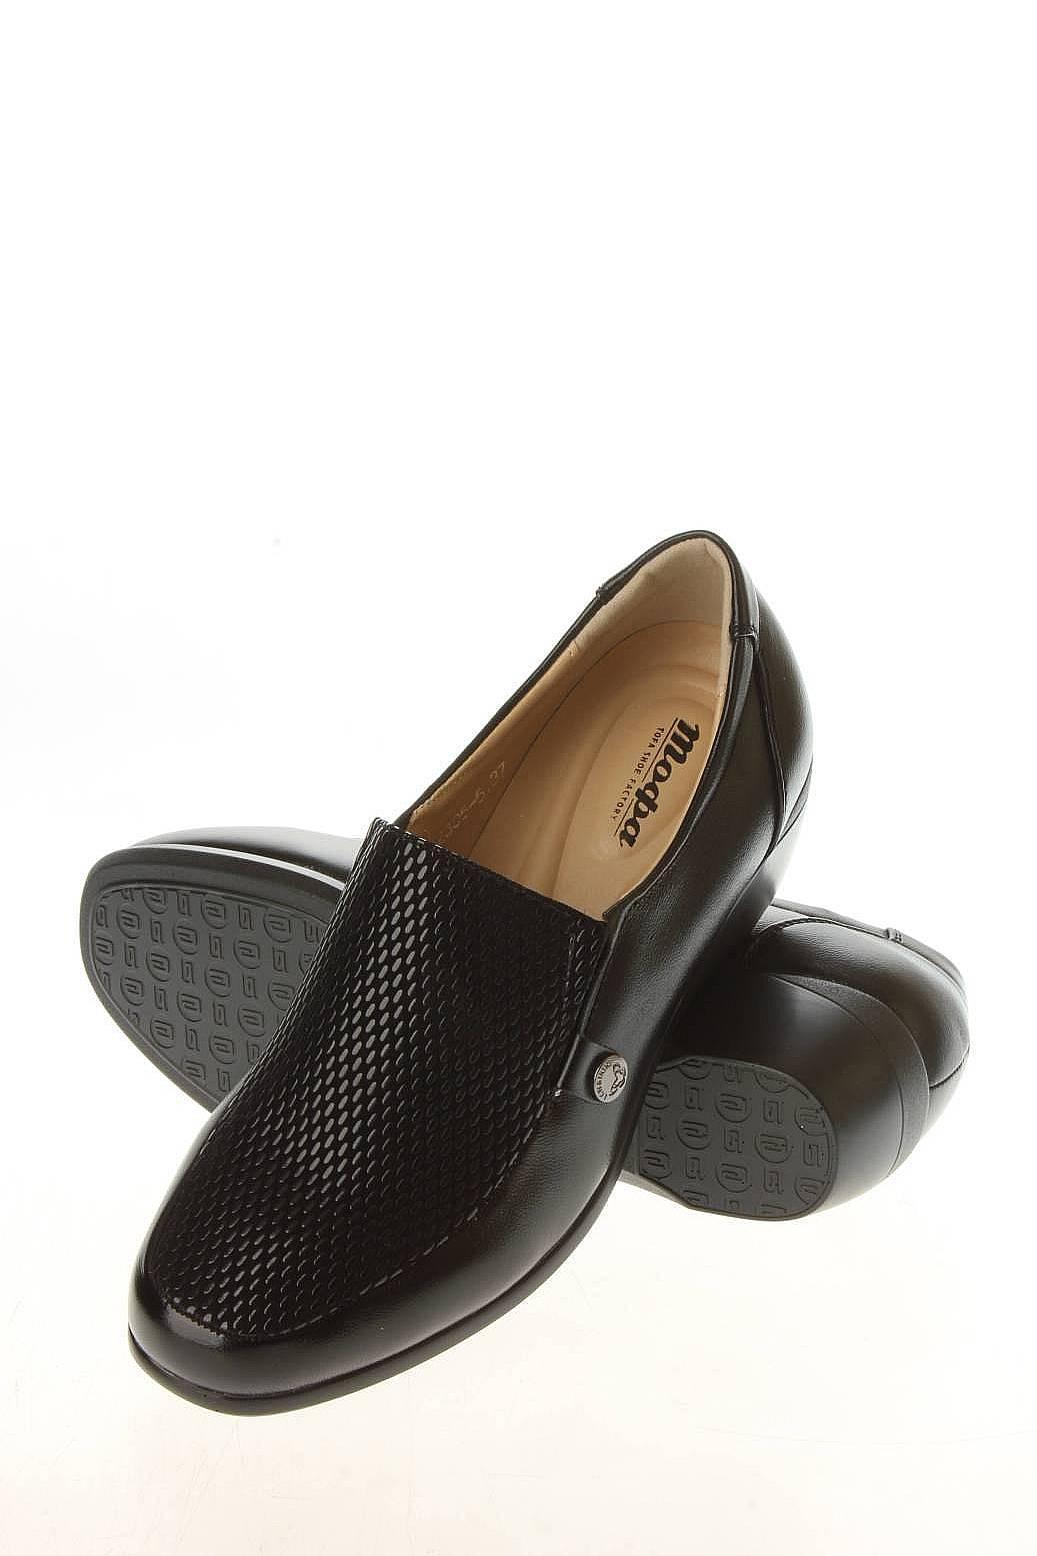 Мужская Обувь Детская Обувь Женская Обувь Туфли Закрытые: Tofa Обувь